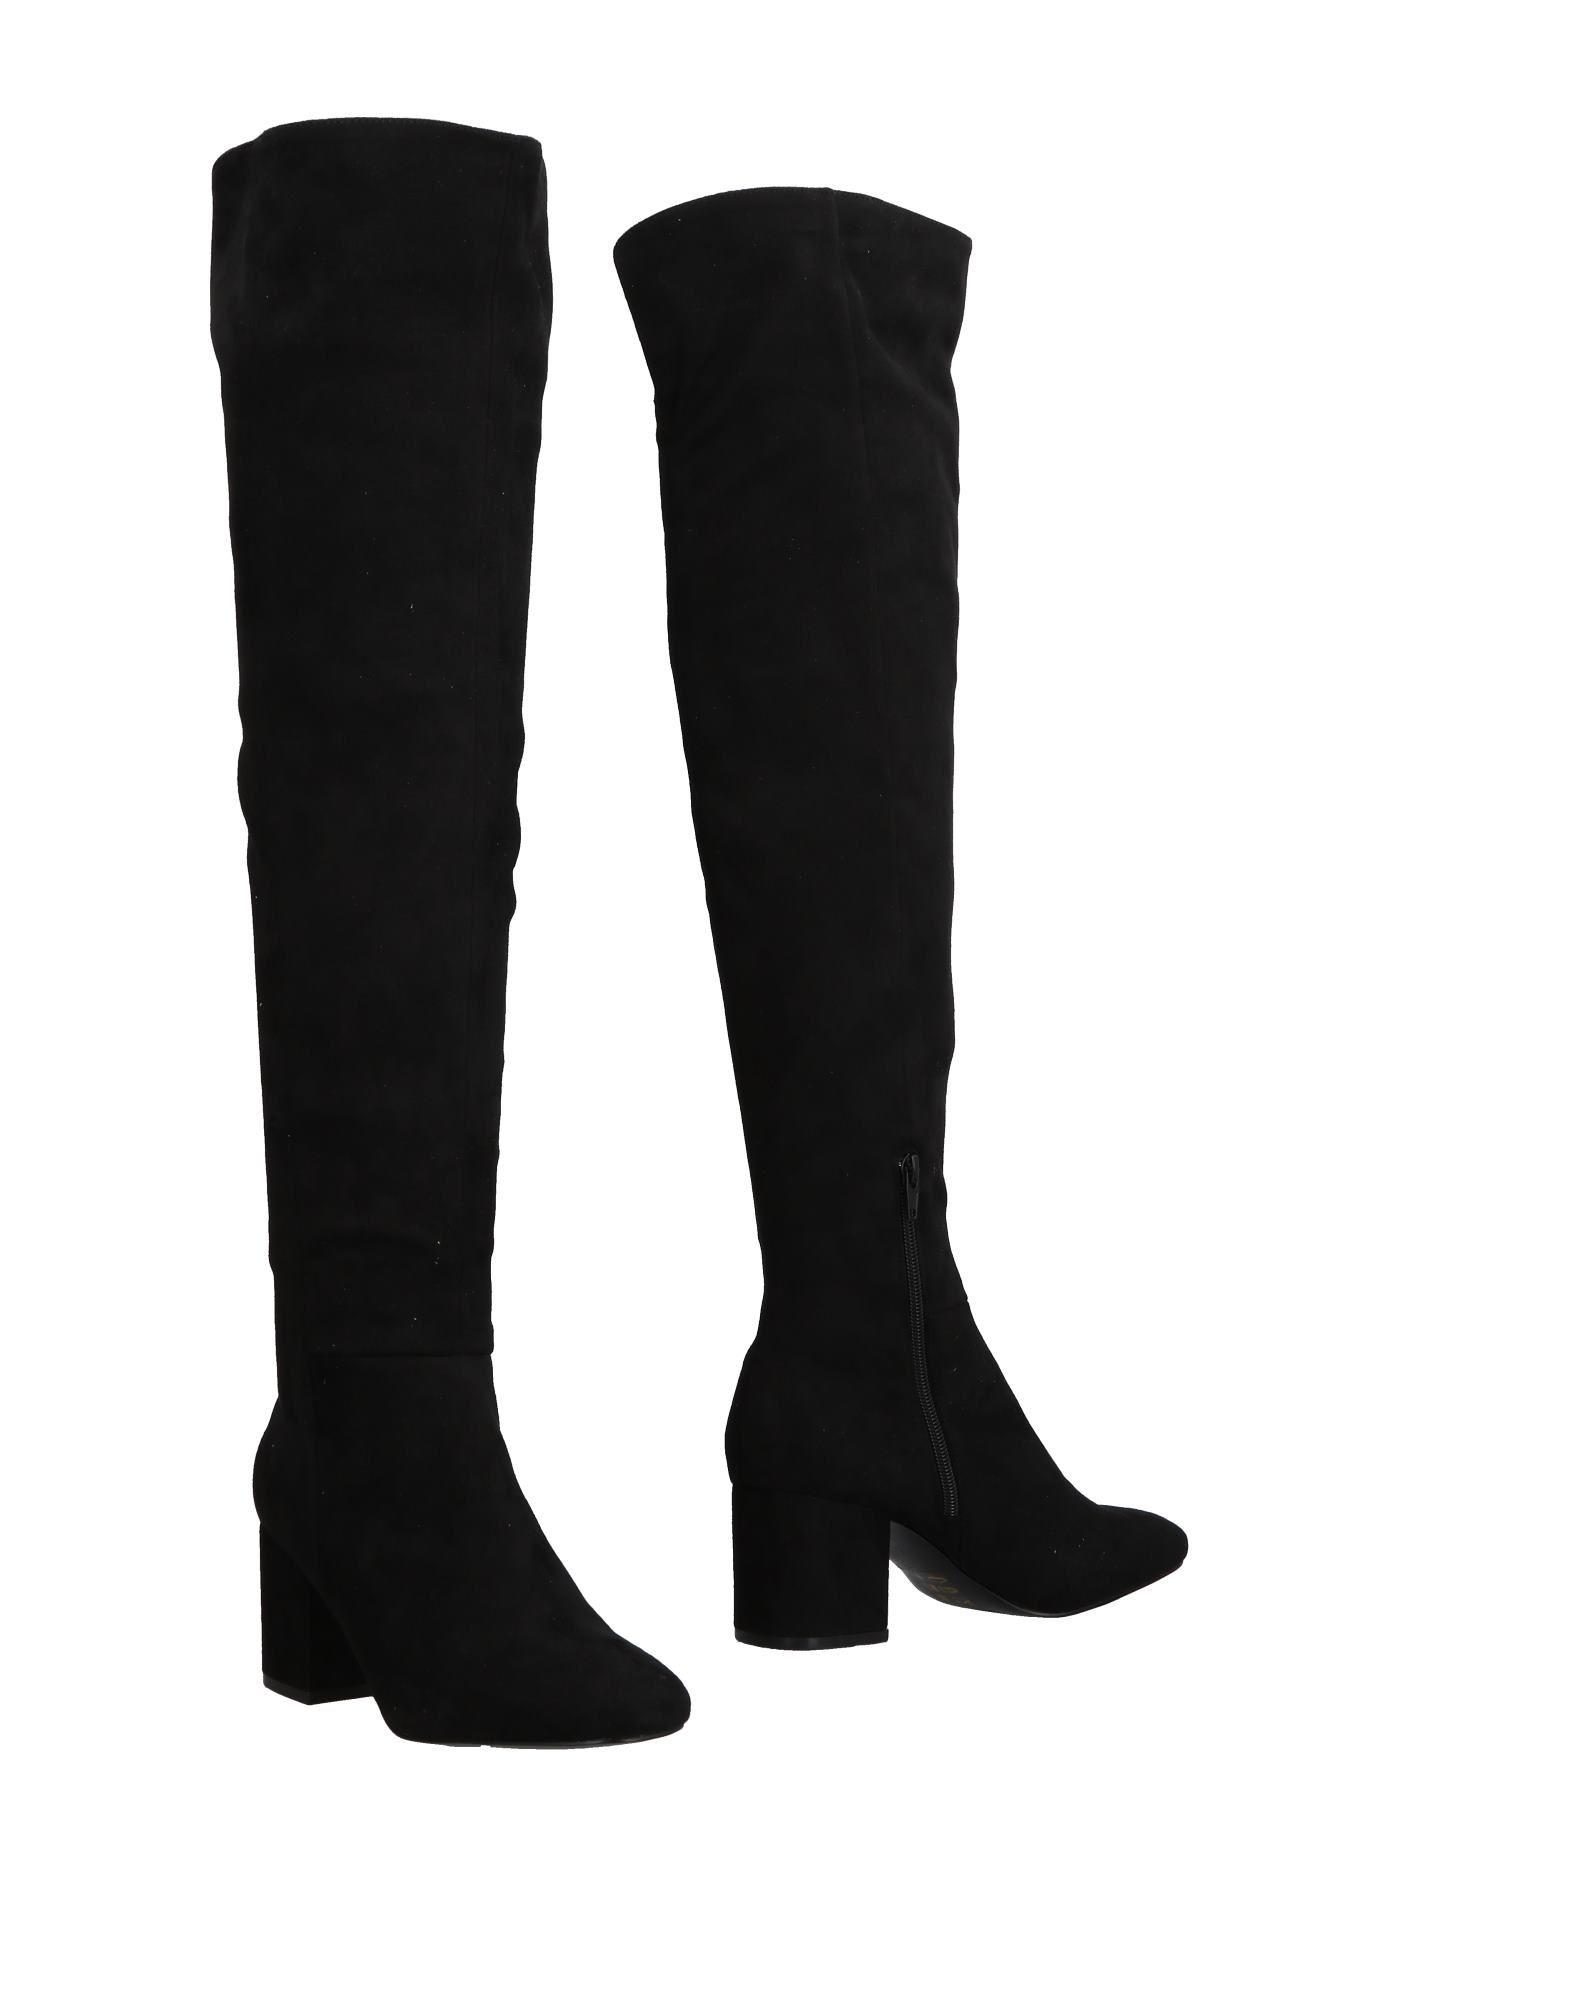 Exé By  Tsakiris Mallas Stiefel Damen  By 11506365DA Gute Qualität beliebte Schuhe 089d80